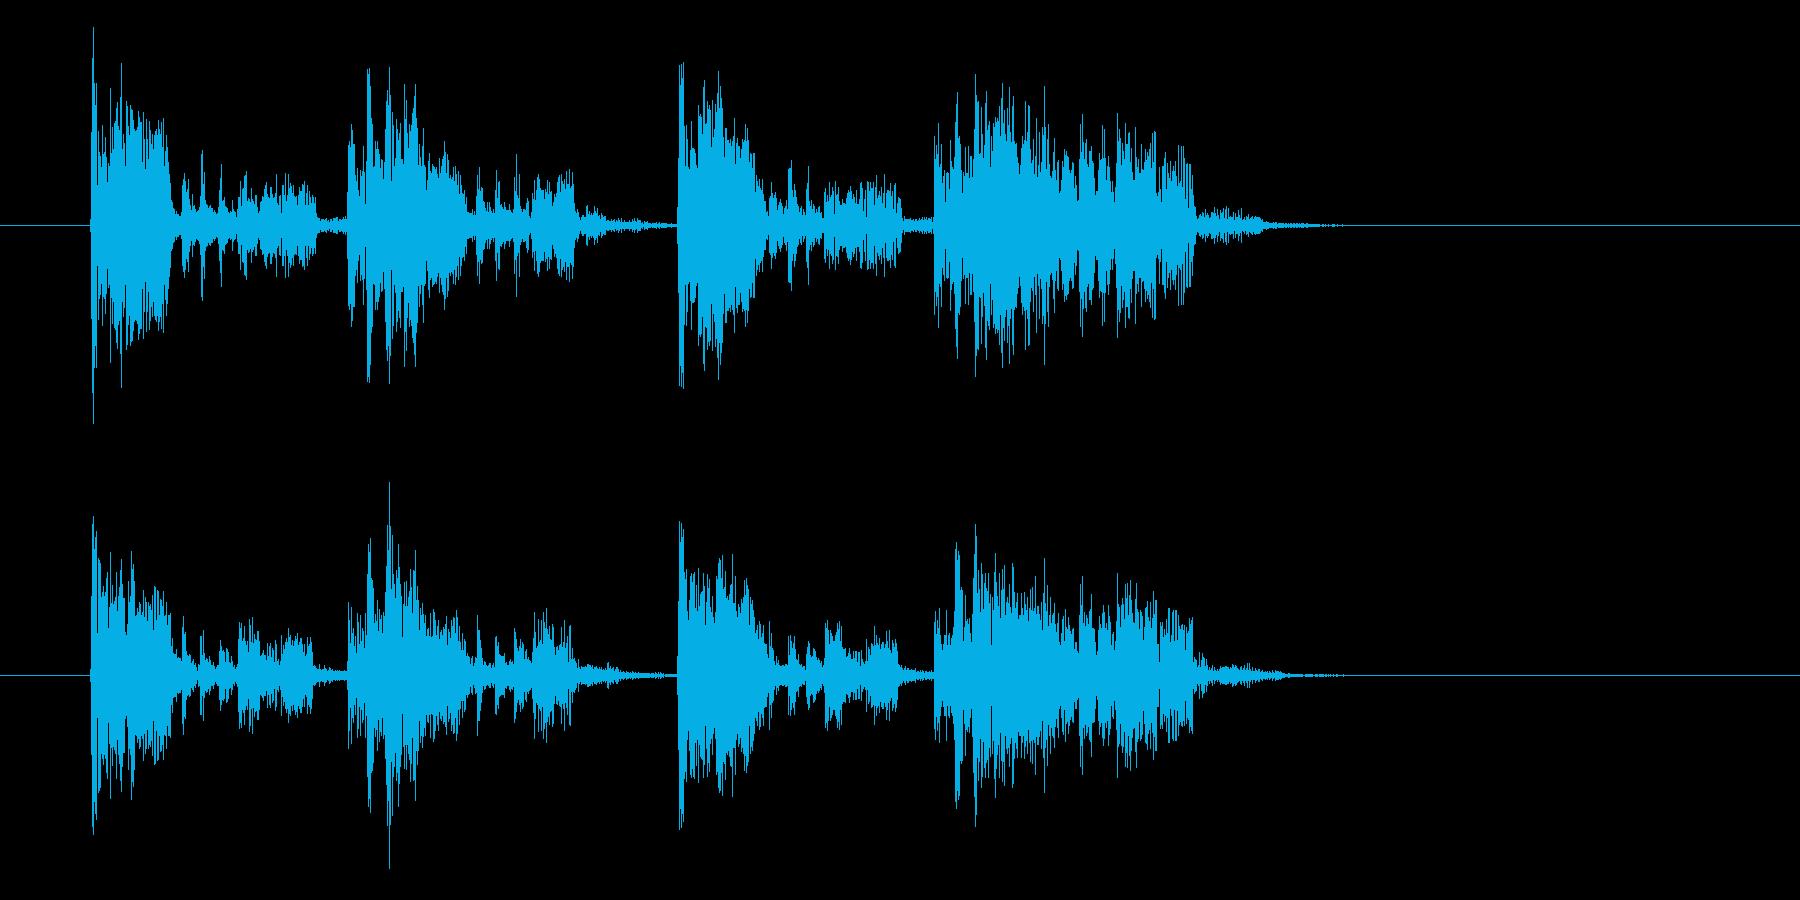 響きのある魅惑的なショートミュージックの再生済みの波形